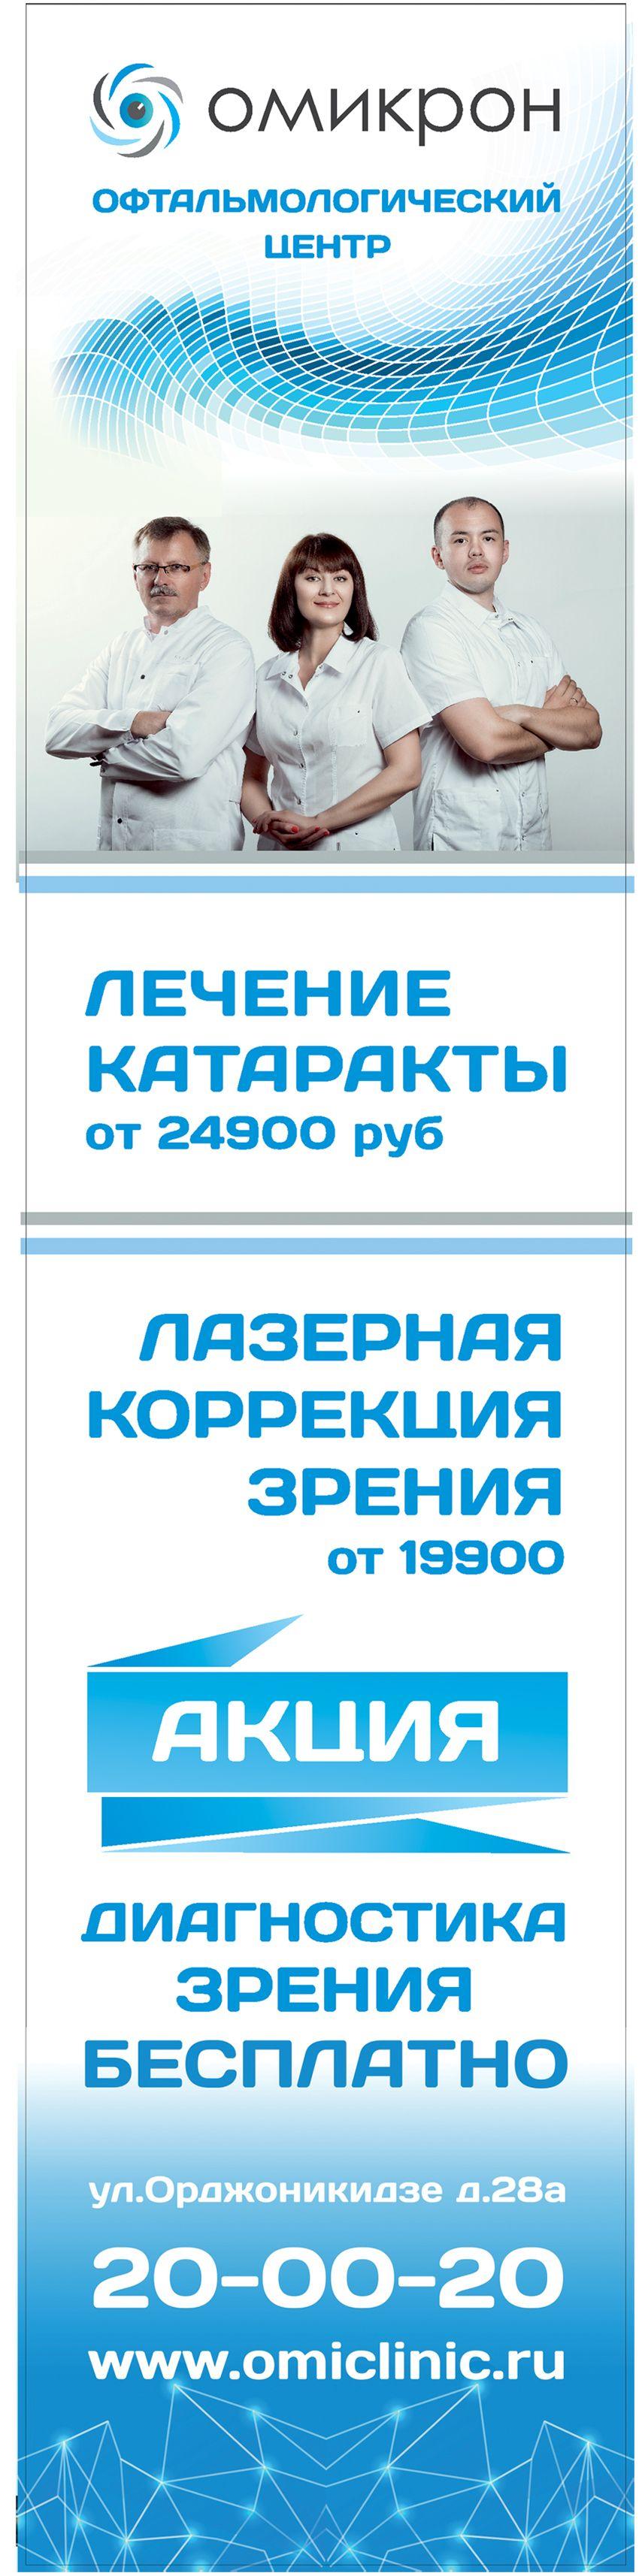 Плакат 50 оттенков счастья II - дизайнер art-valeri